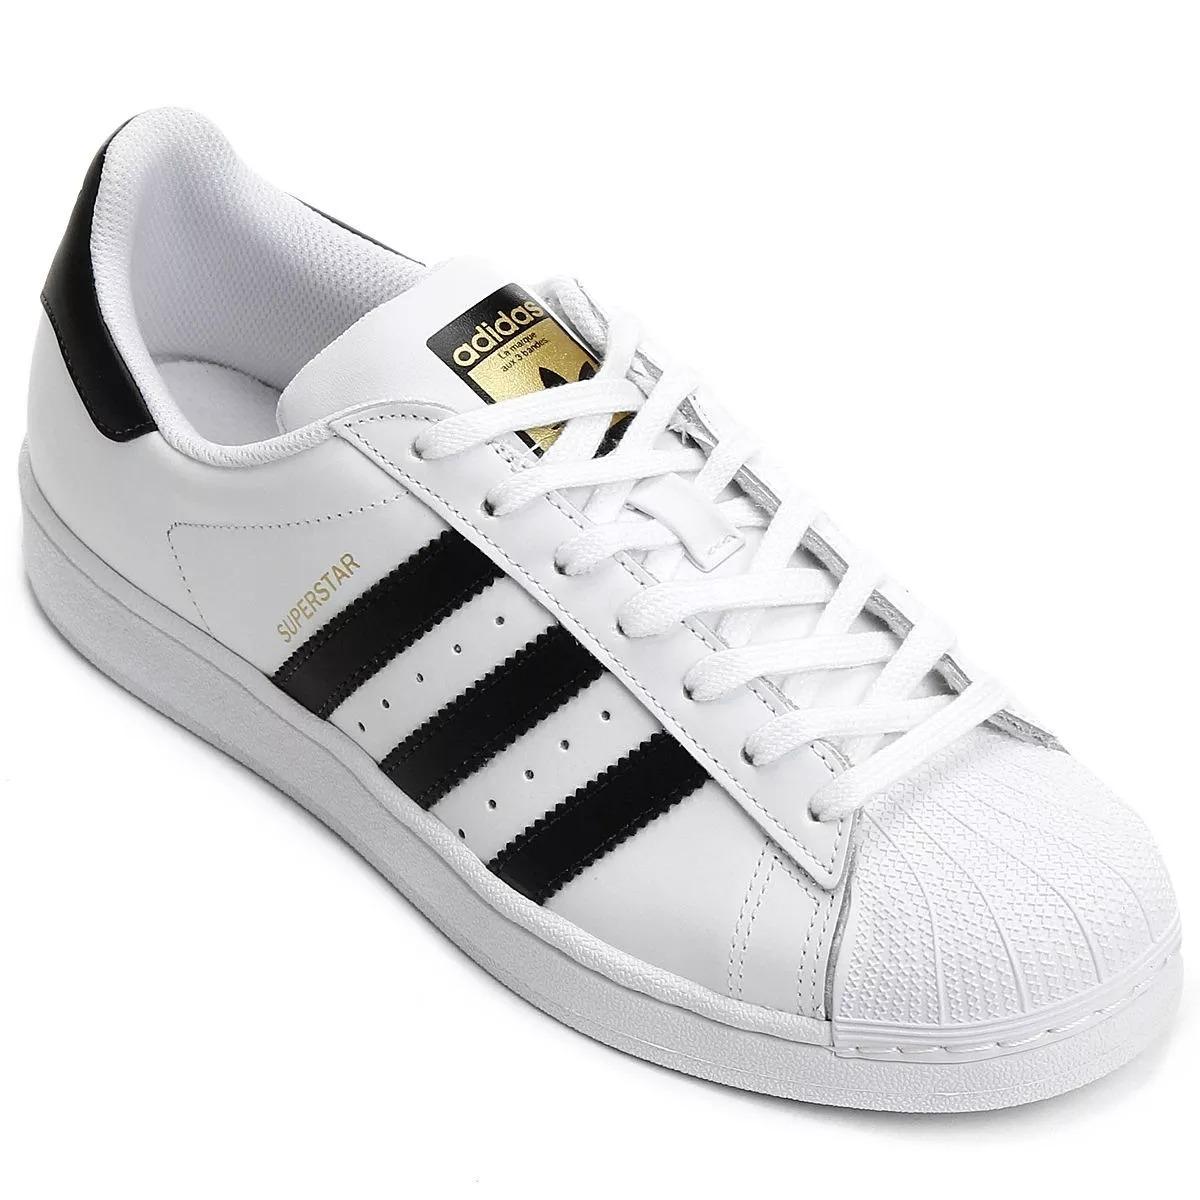 ff015180fde69 tênis feminino adidas superstar branco com preto. Carregando zoom.